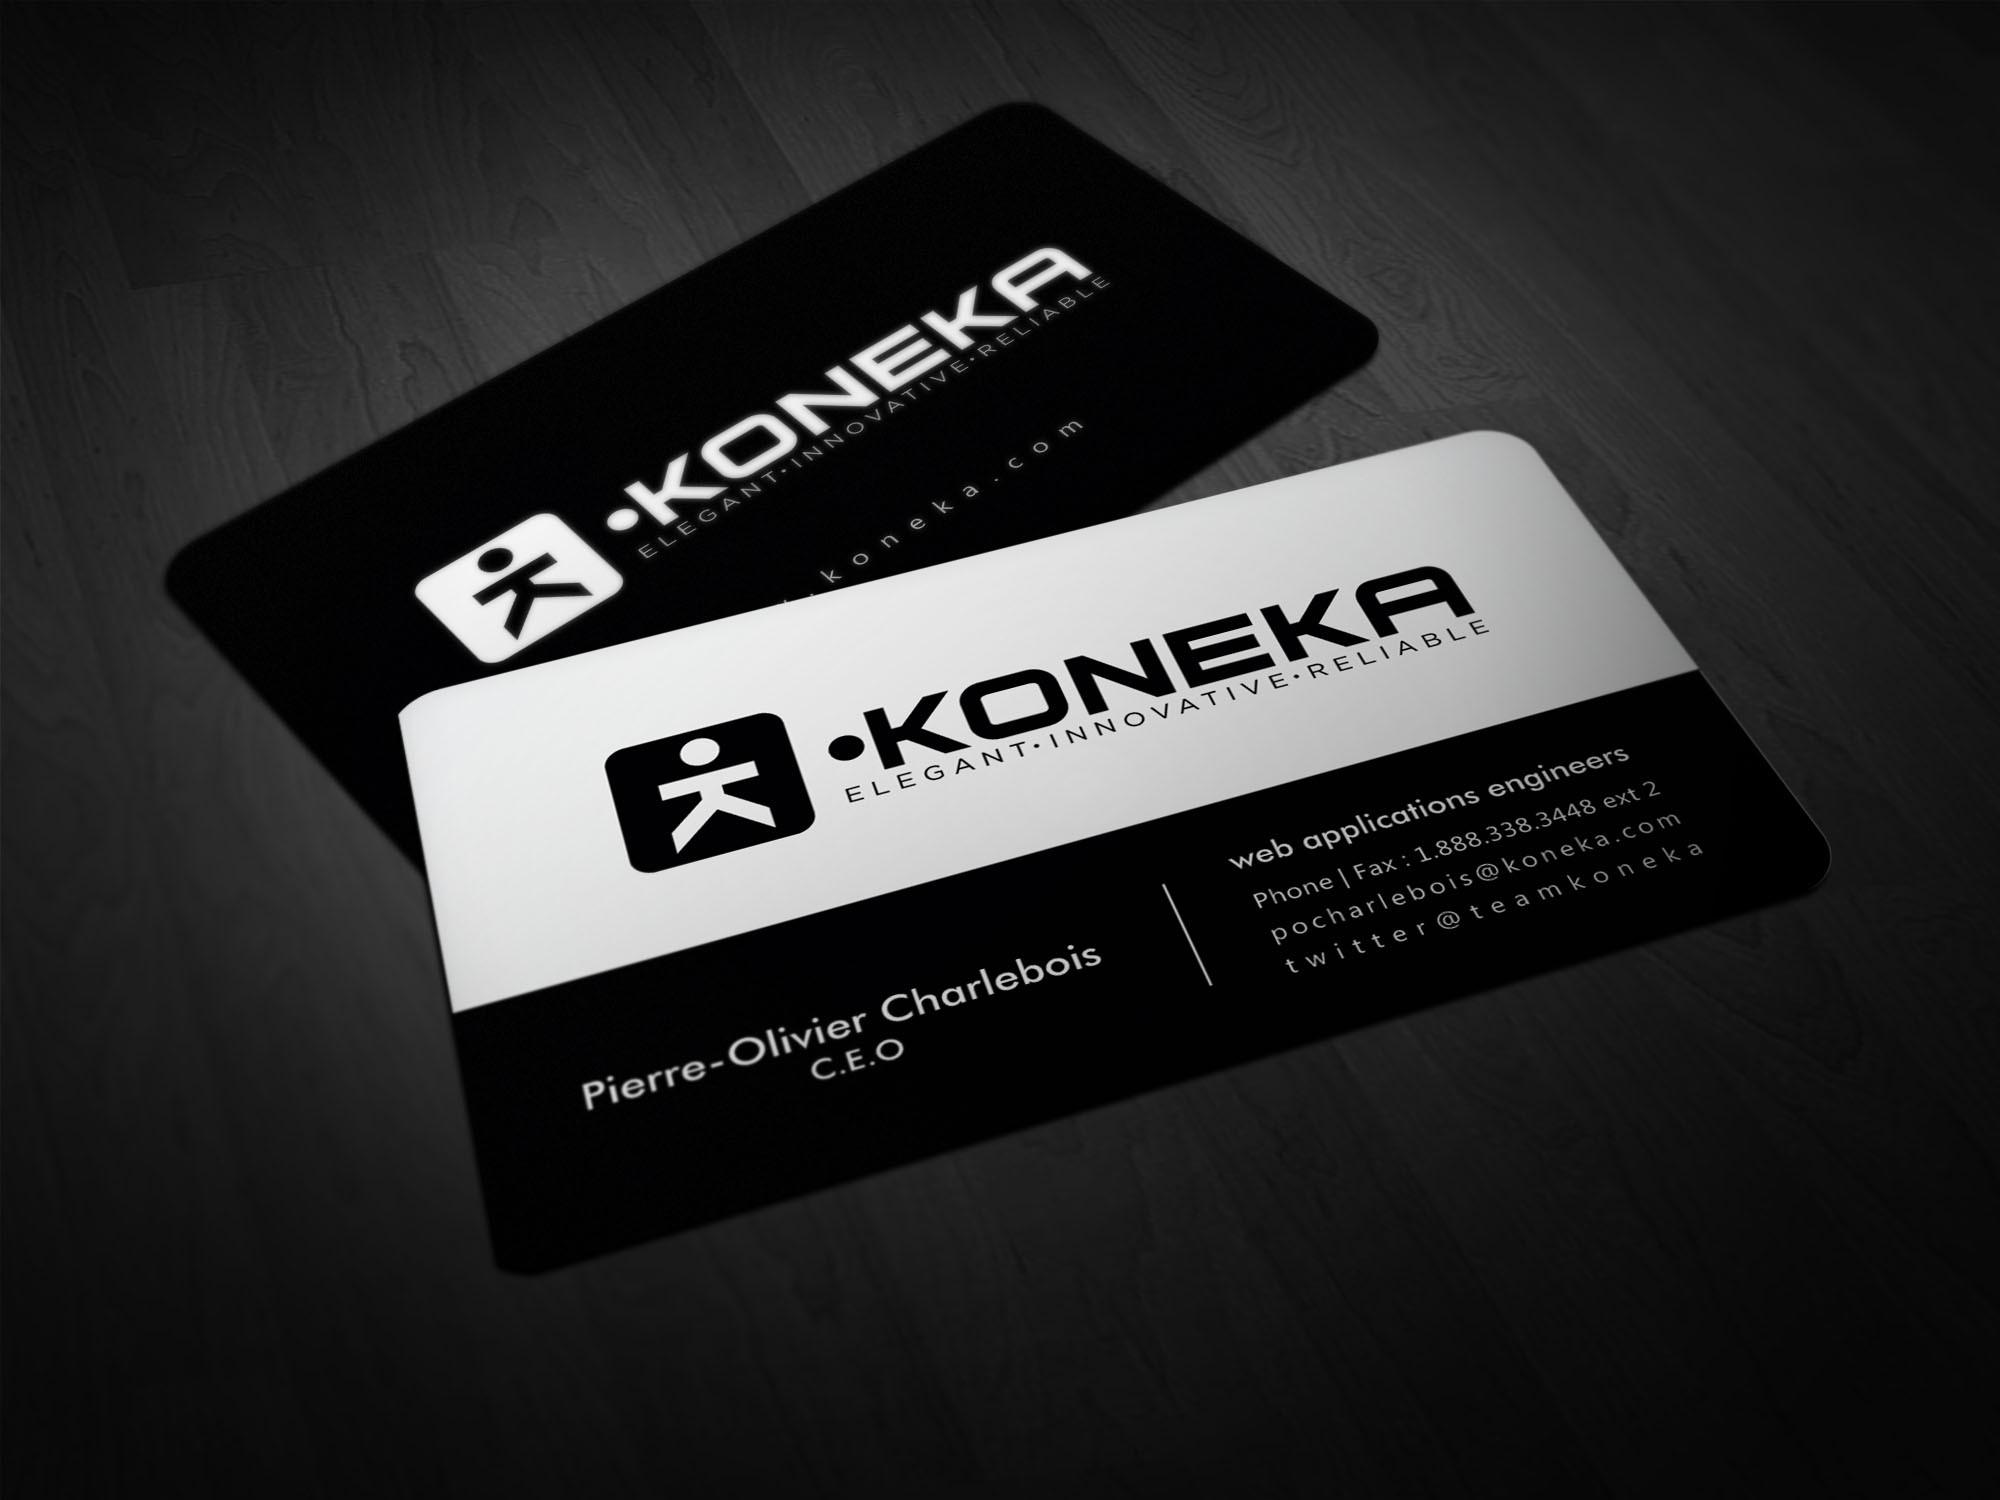 Koneka Black & White Business Card